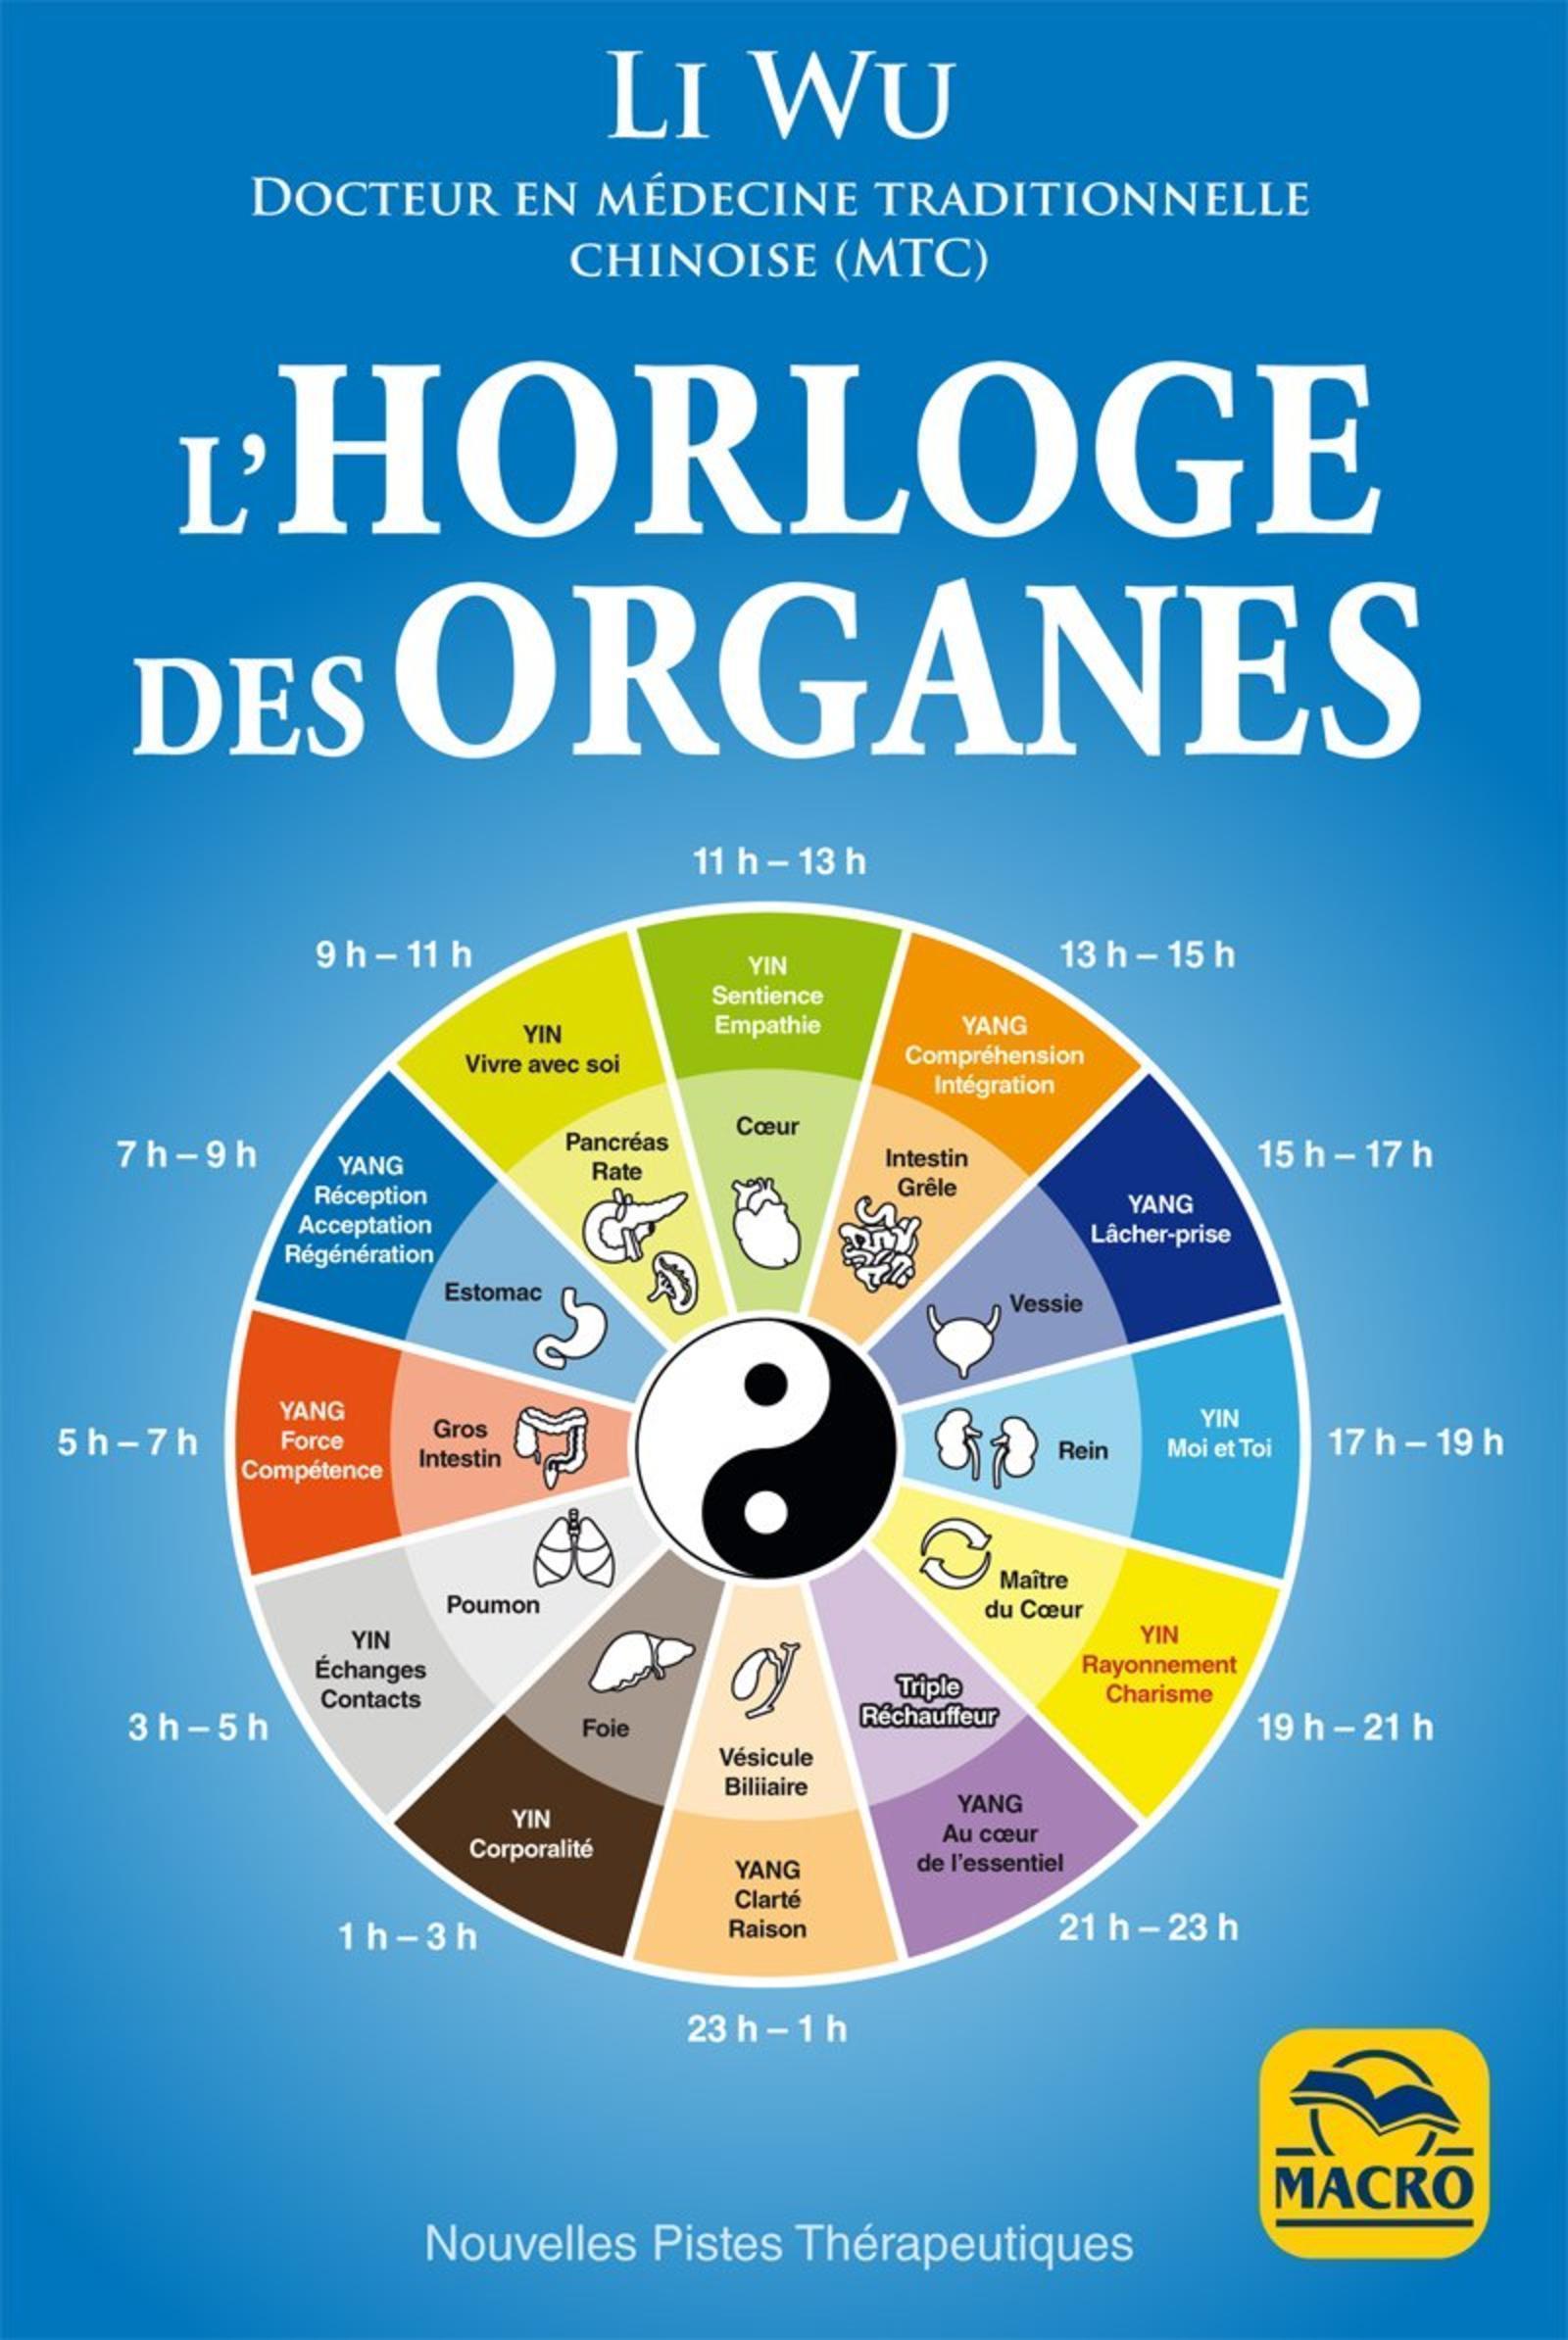 L HORLOGE DES ORGANES - VIVEZ EN HARMONIE AVEC LES RYTHMES NATURELS DE VOTRE CORPS